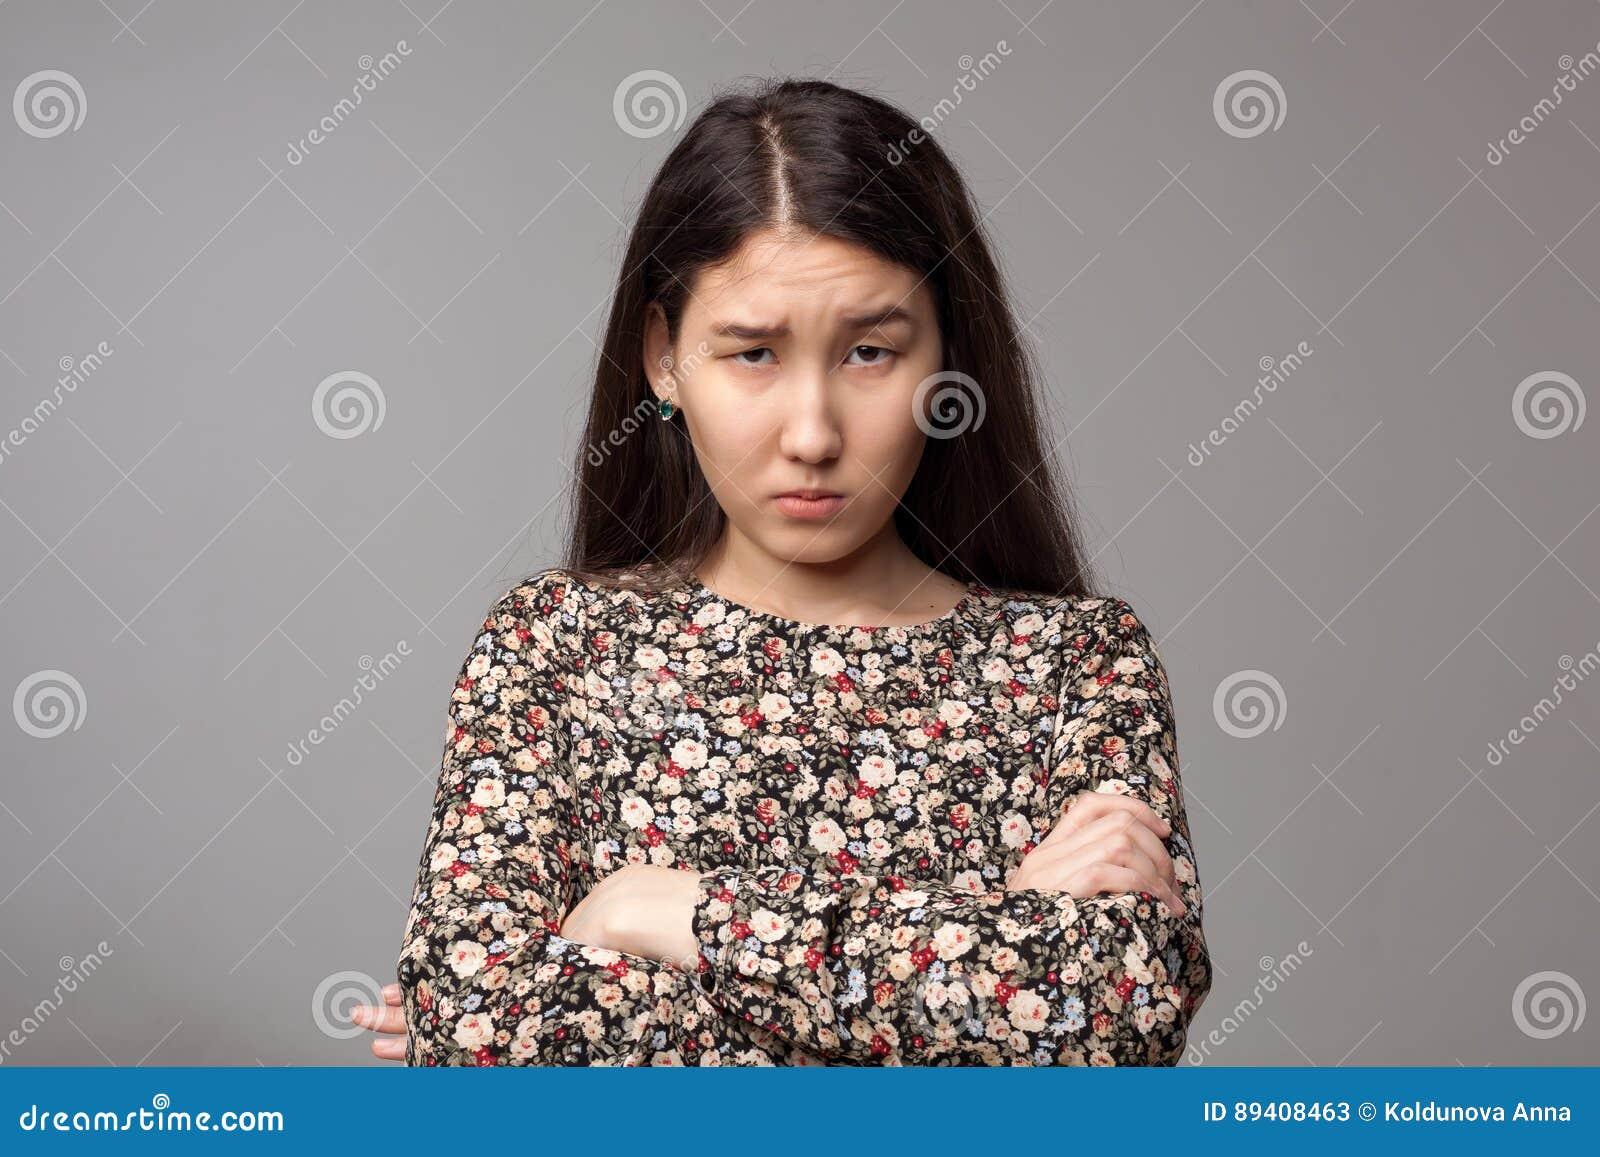 A menina irritada olha de sobrancelhas franzidas cara